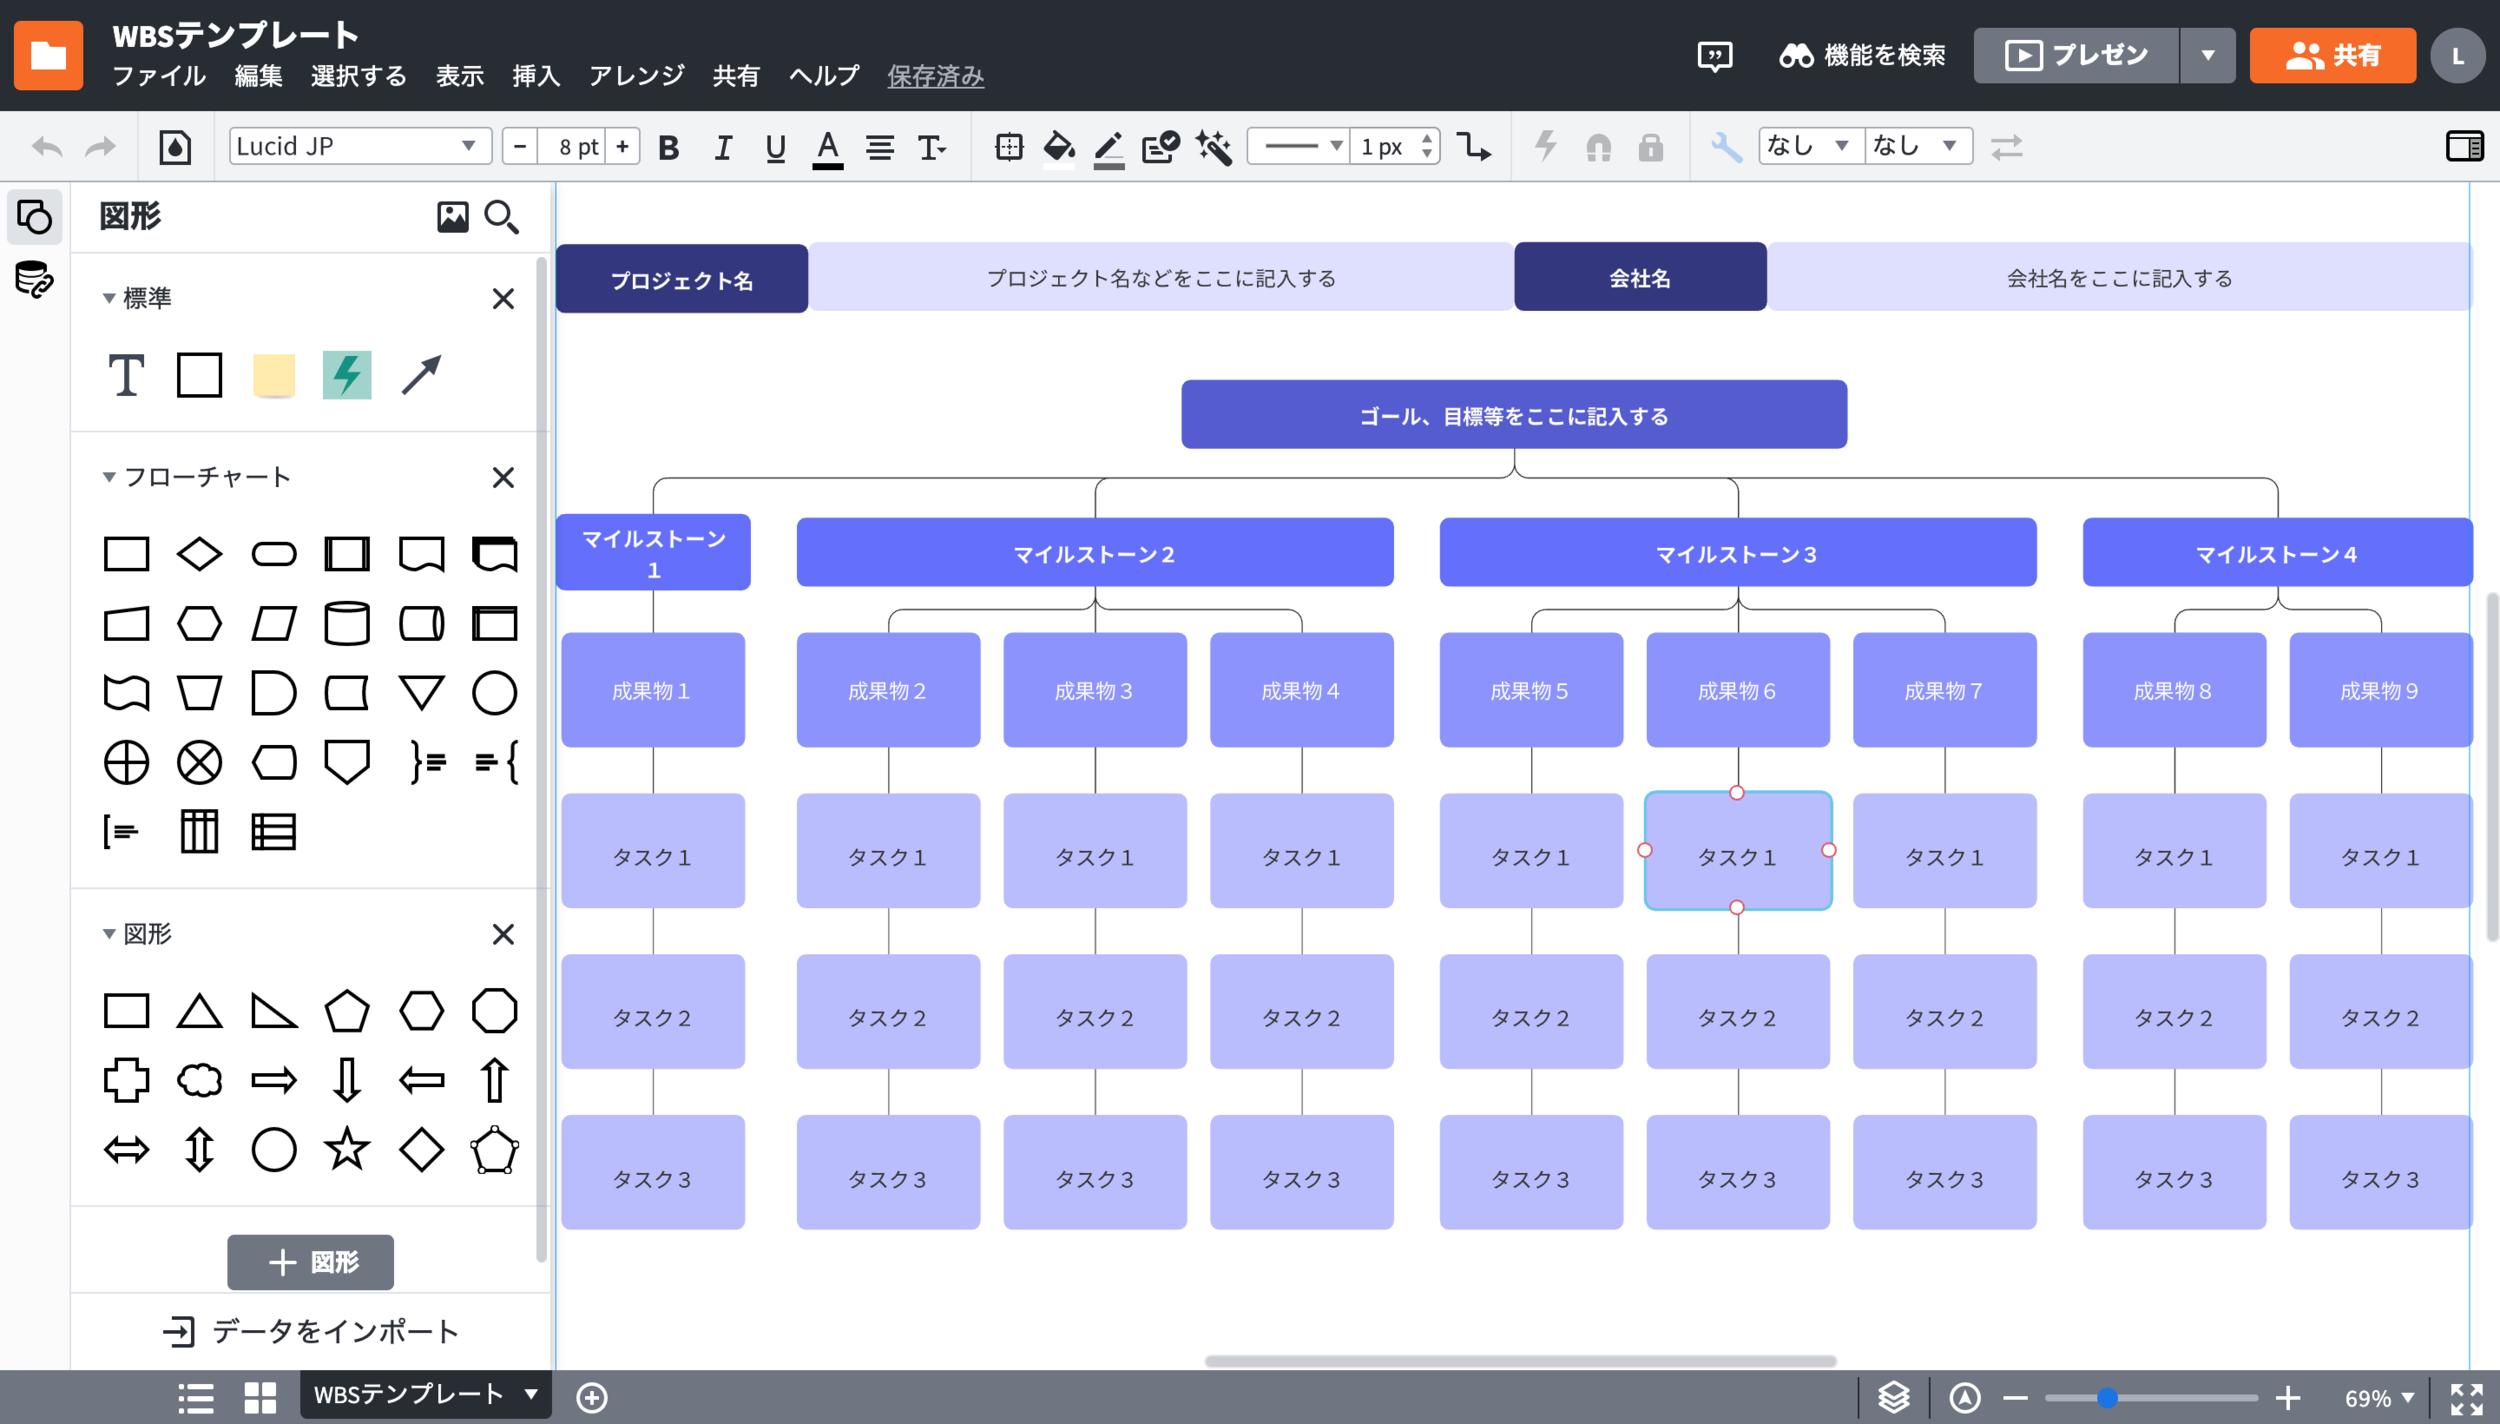 使いやすいWBSツールで作業分解を早く、簡単に